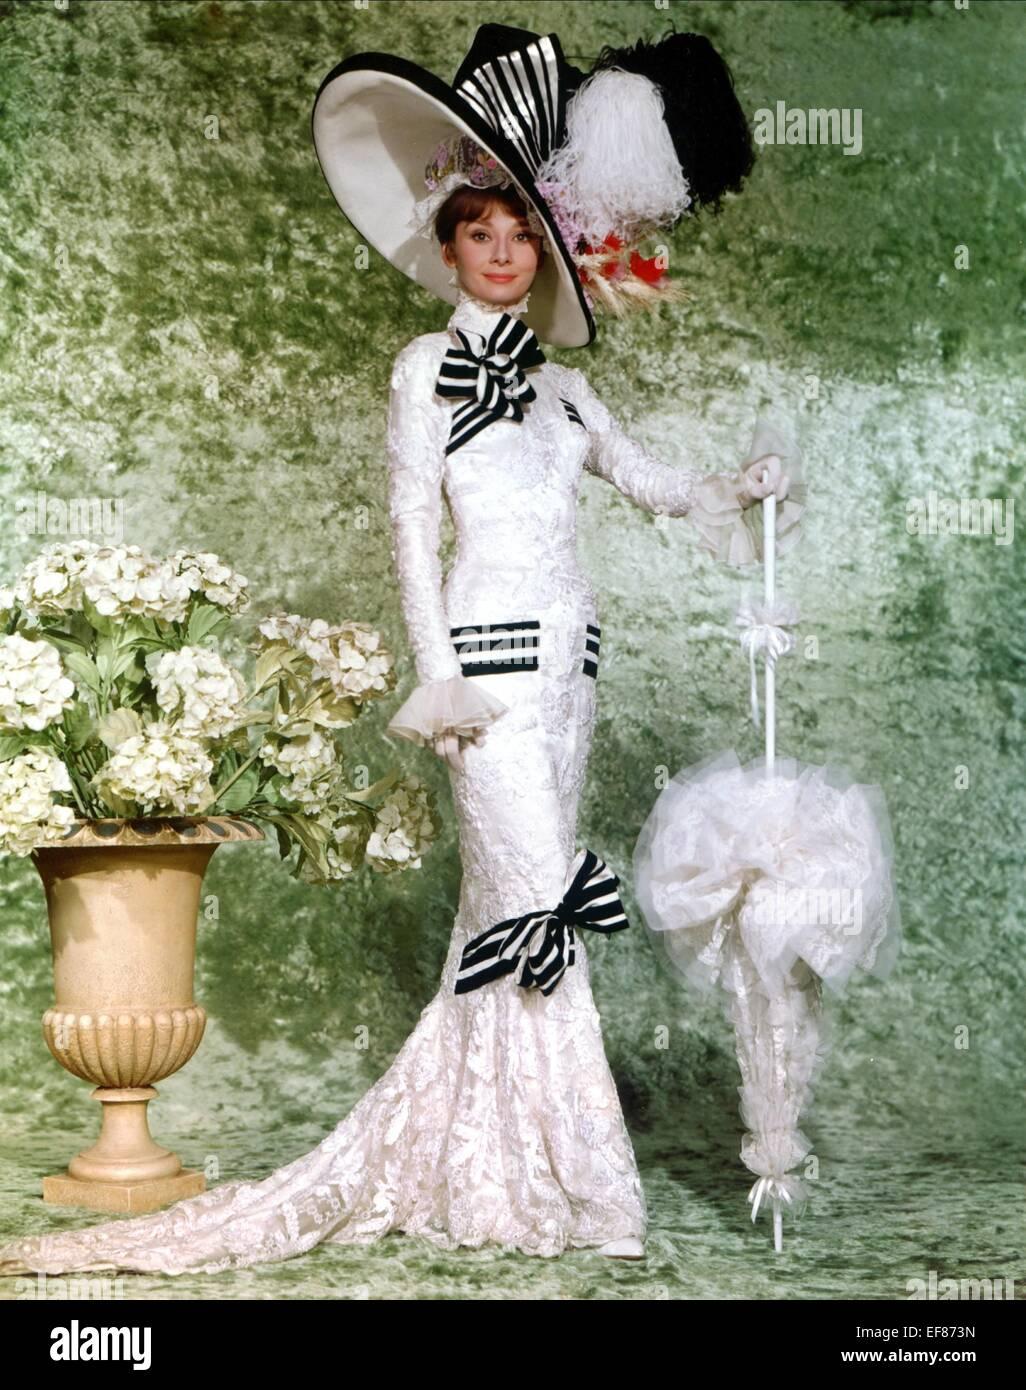 My Fair Lady 1964 Stock Photos & My Fair Lady 1964 Stock Images - Alamy